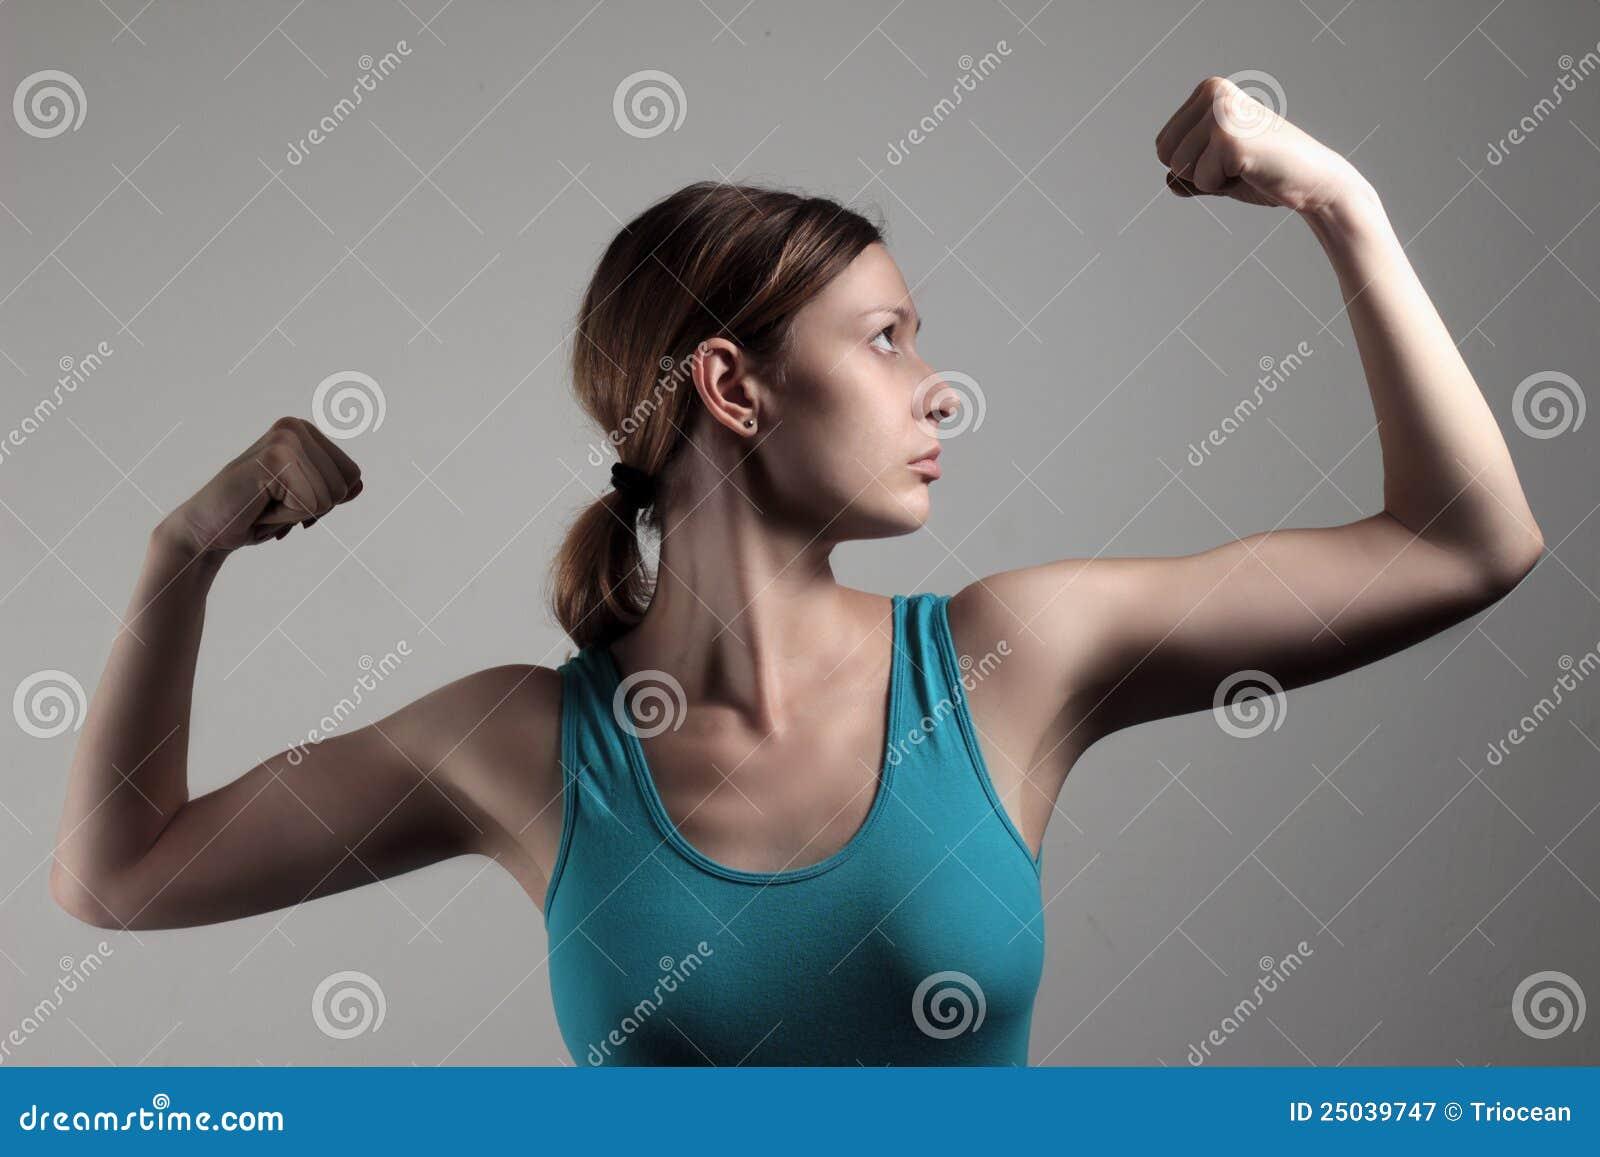 Mostrar apagado el bíceps